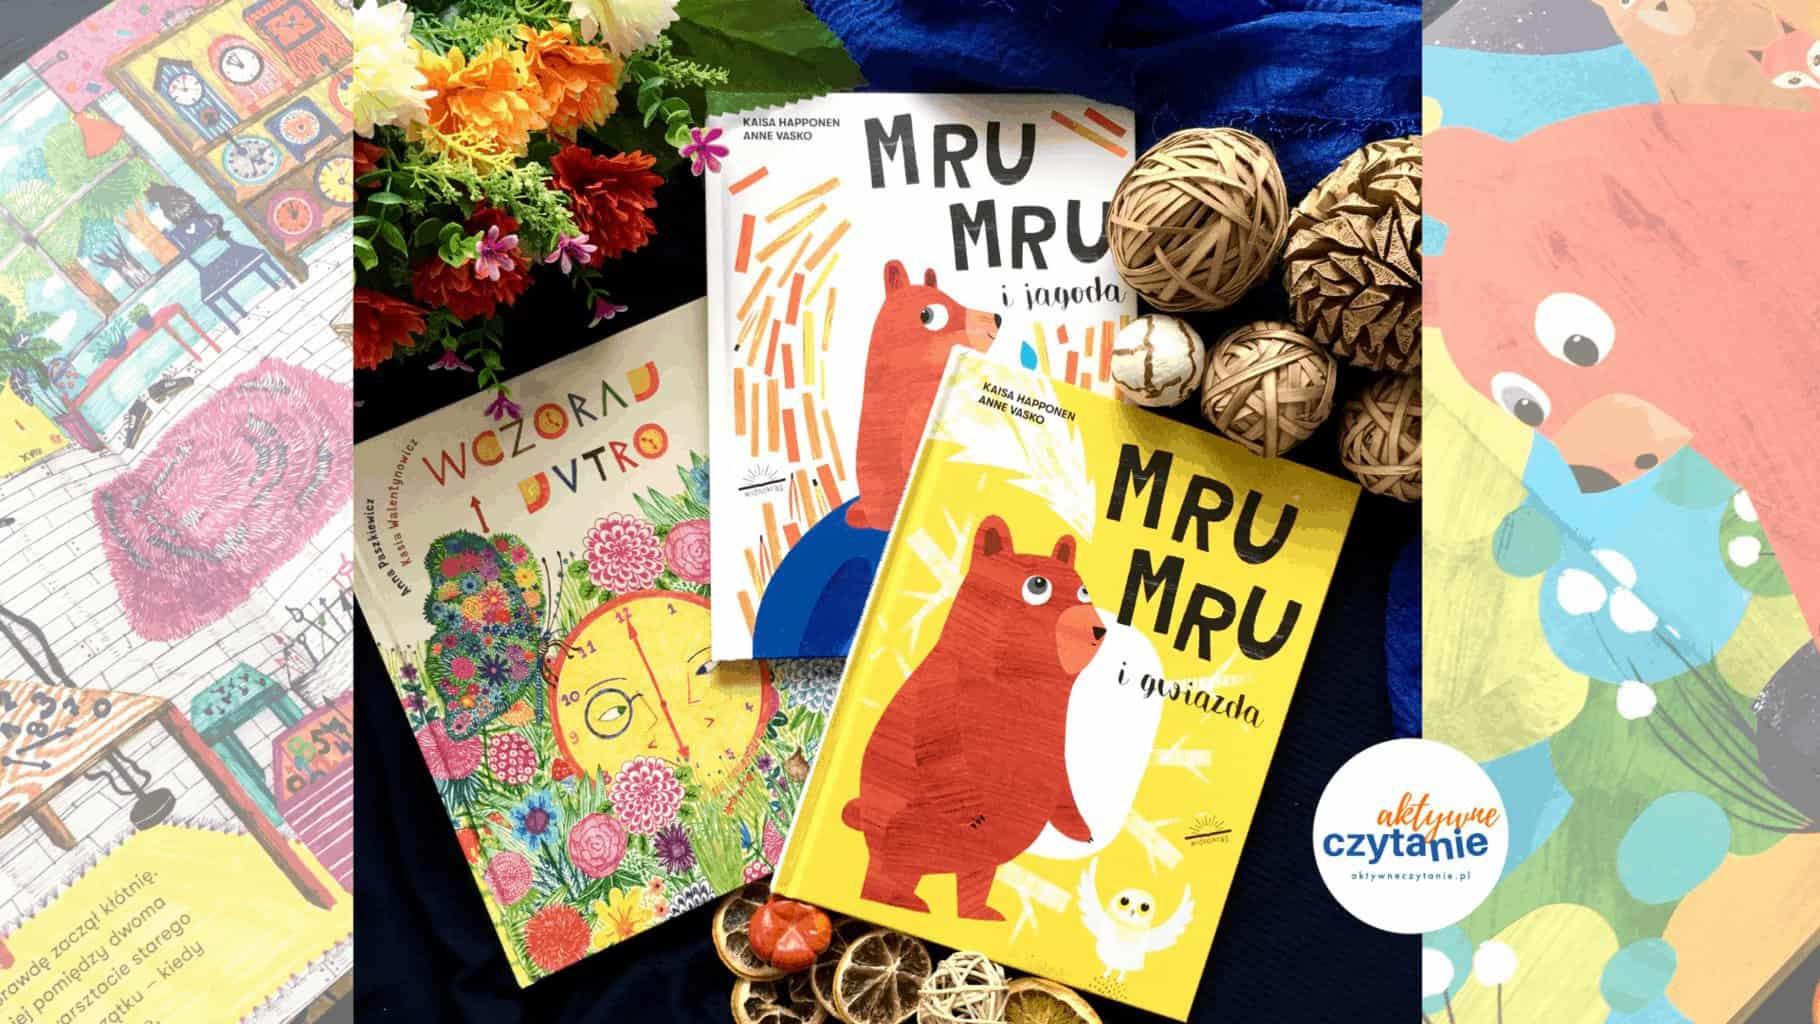 wczoraj ijutro mru mru igwiazda jagoda recenzja ksiazki dla dzieci aktywne czytanie